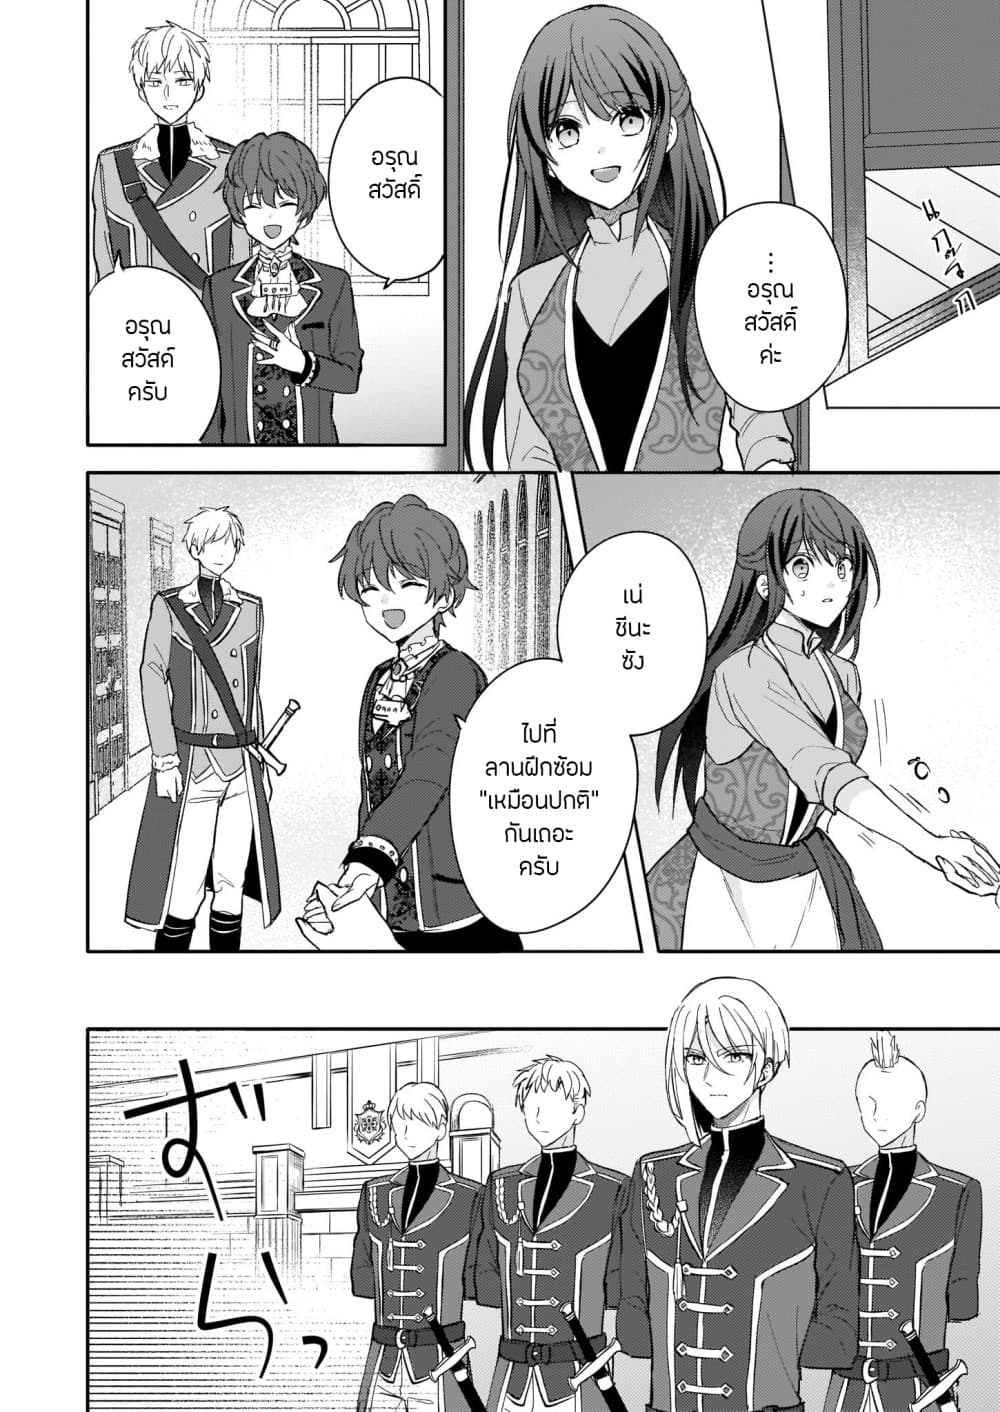 อ่านการ์ตูน Skill Daidokoro Shoukan wa Sugoi! Isekai de Gohan Tsukutte Point Tamemasu ตอนที่ 11 หน้าที่ 5